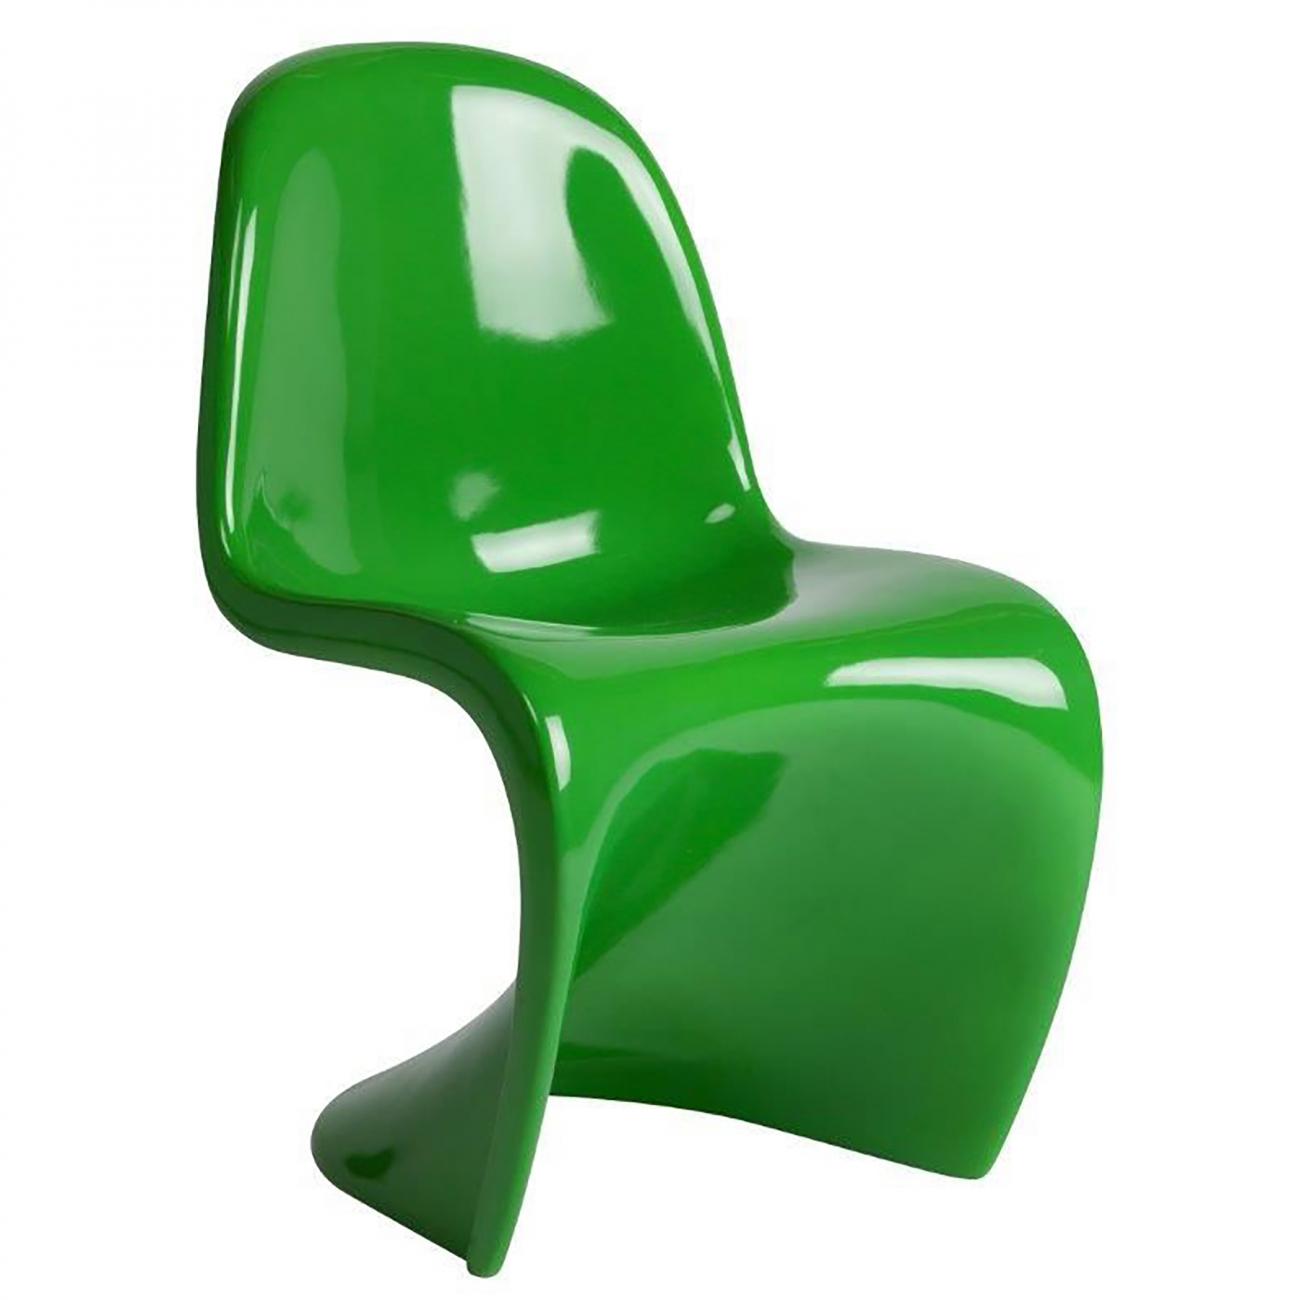 Купить Детский стул Pantone Зеленый в интернет магазине дизайнерской мебели и аксессуаров для дома и дачи